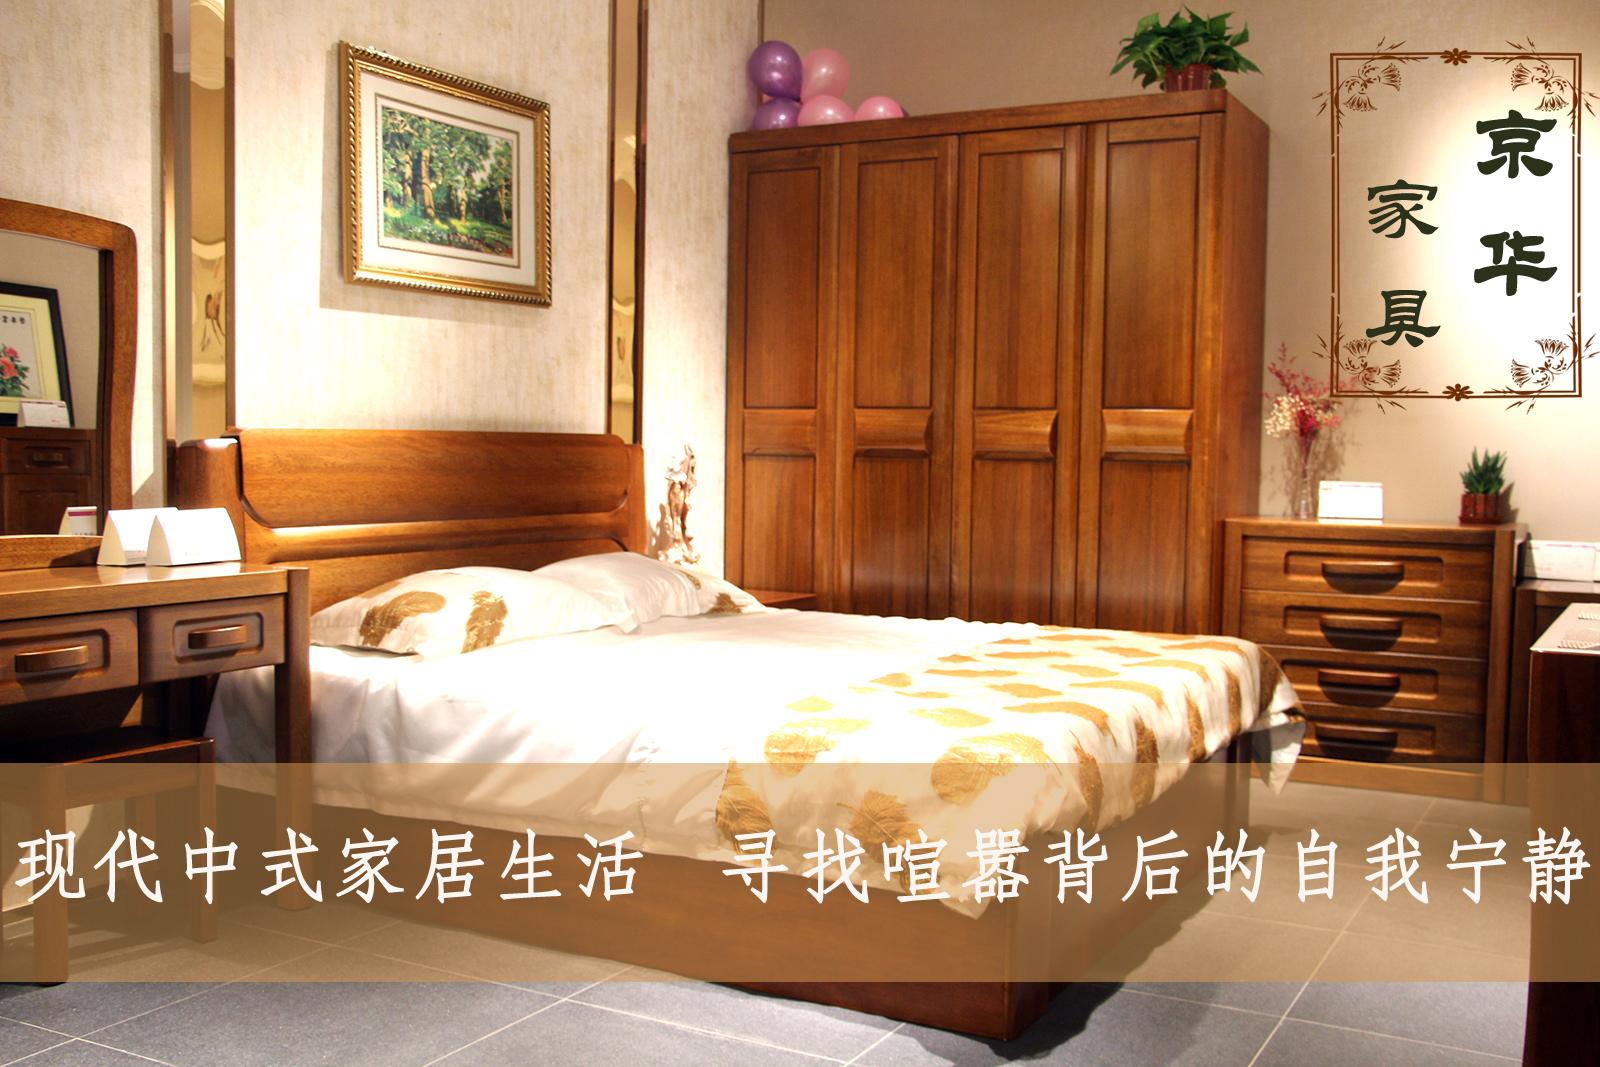 现代中式家居生活 寻找喧嚣背后的自我宁静